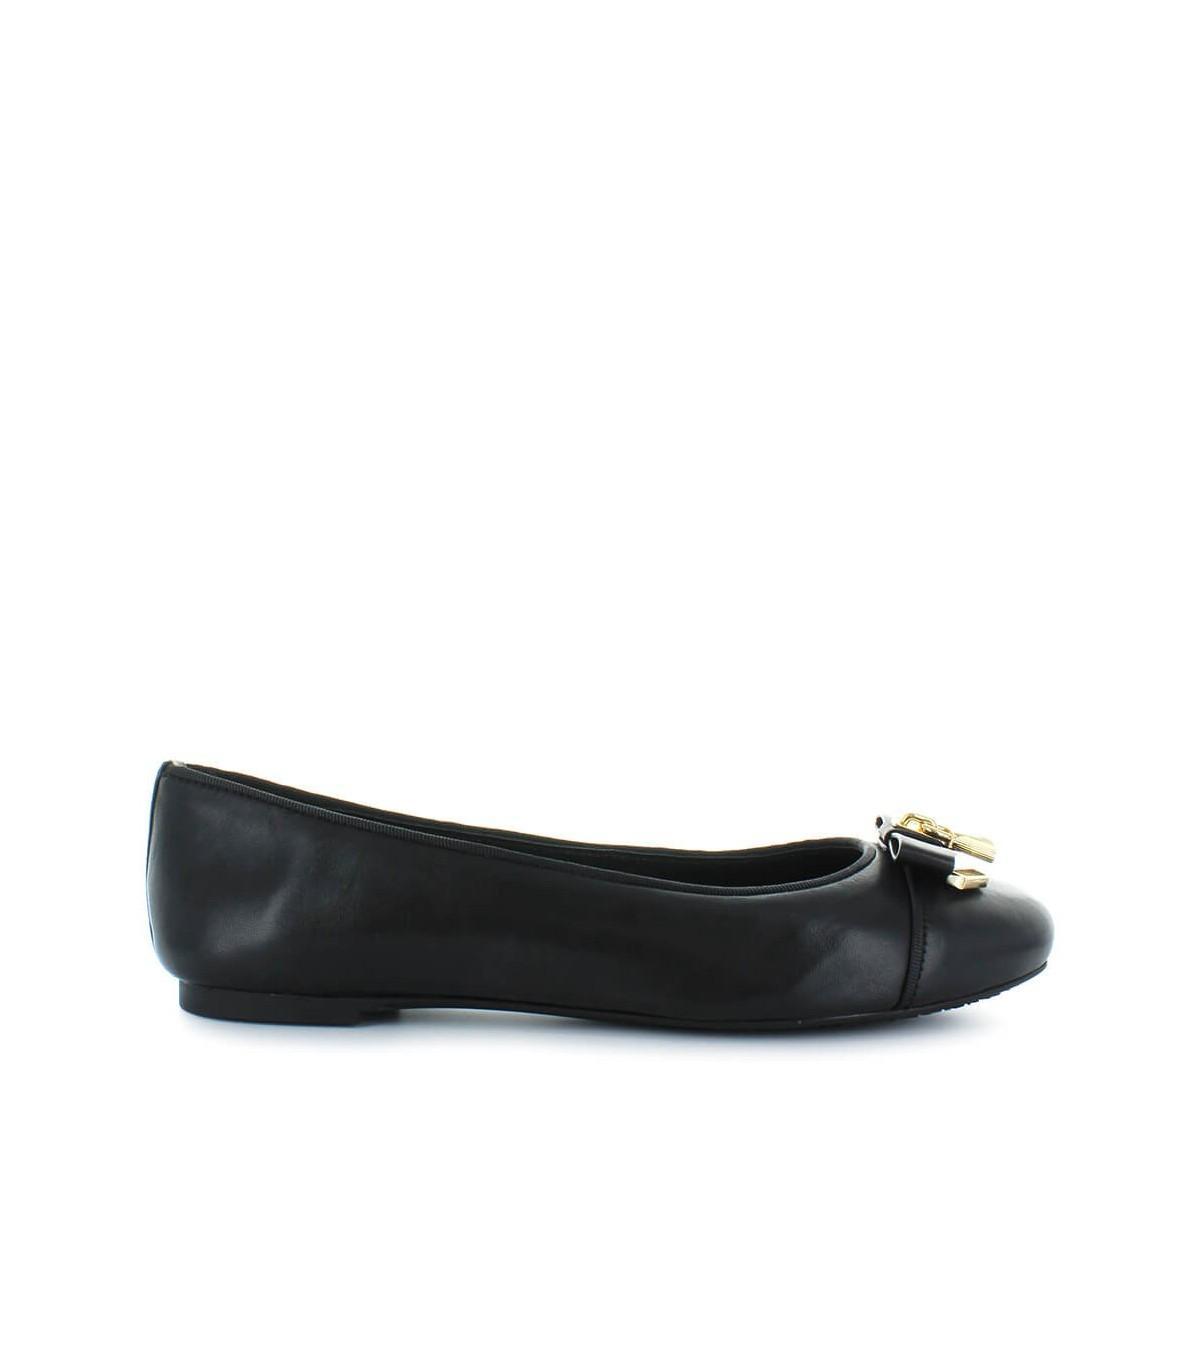 d1383ace6 MICHAEL Michael Kors. Women s Black Alice Leather Ballet Flat. £104 From Ferraris  Boutique